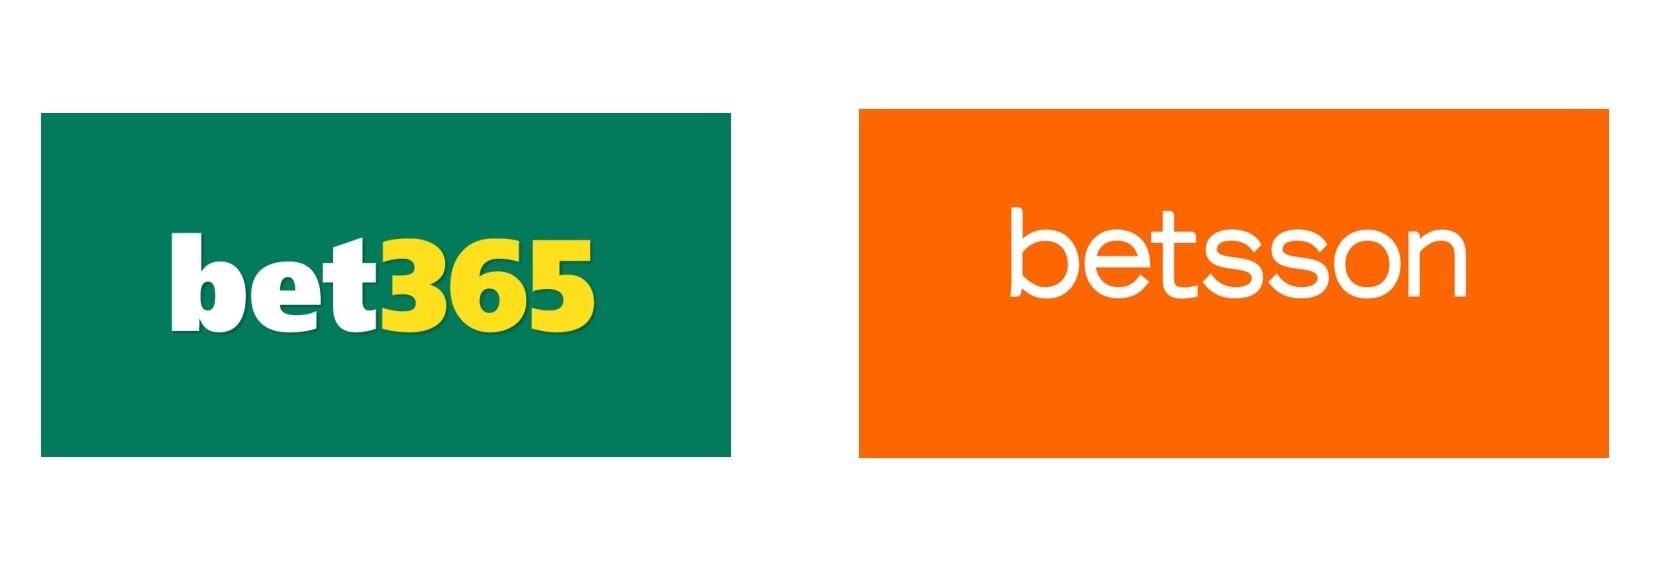 Betsson eller bet365: vilket spelbolag ska jag välja?